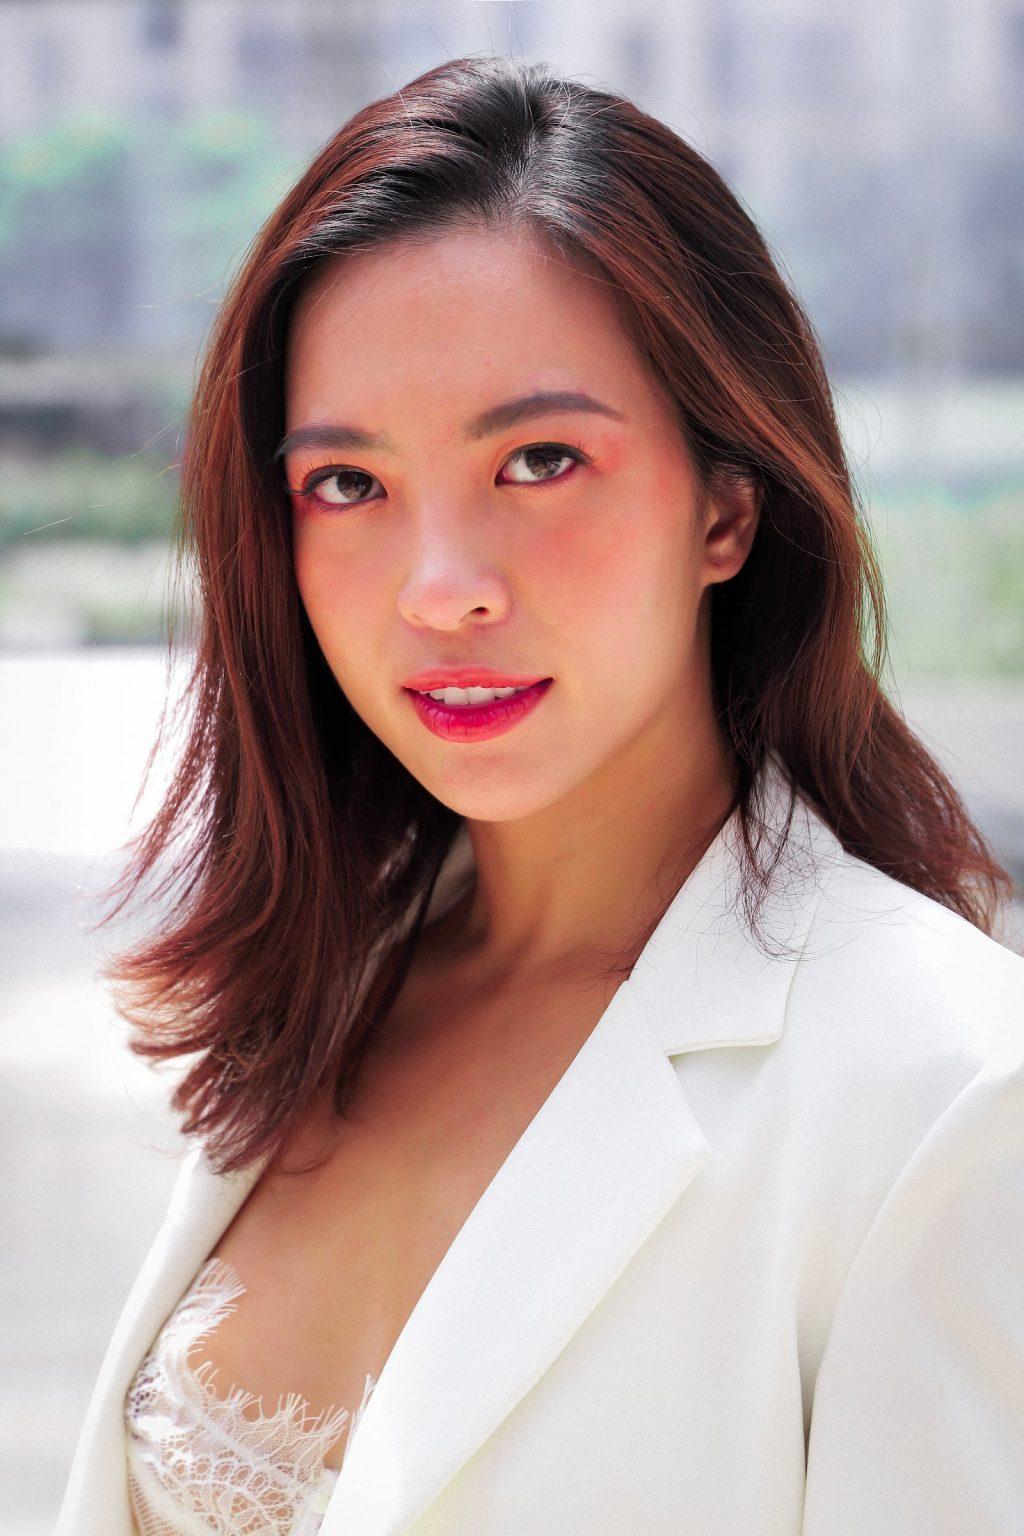 Thử thách 7 ngày sở hữu vòng bụng phẳng lì cùng Hana Giang Anh - Hình 1